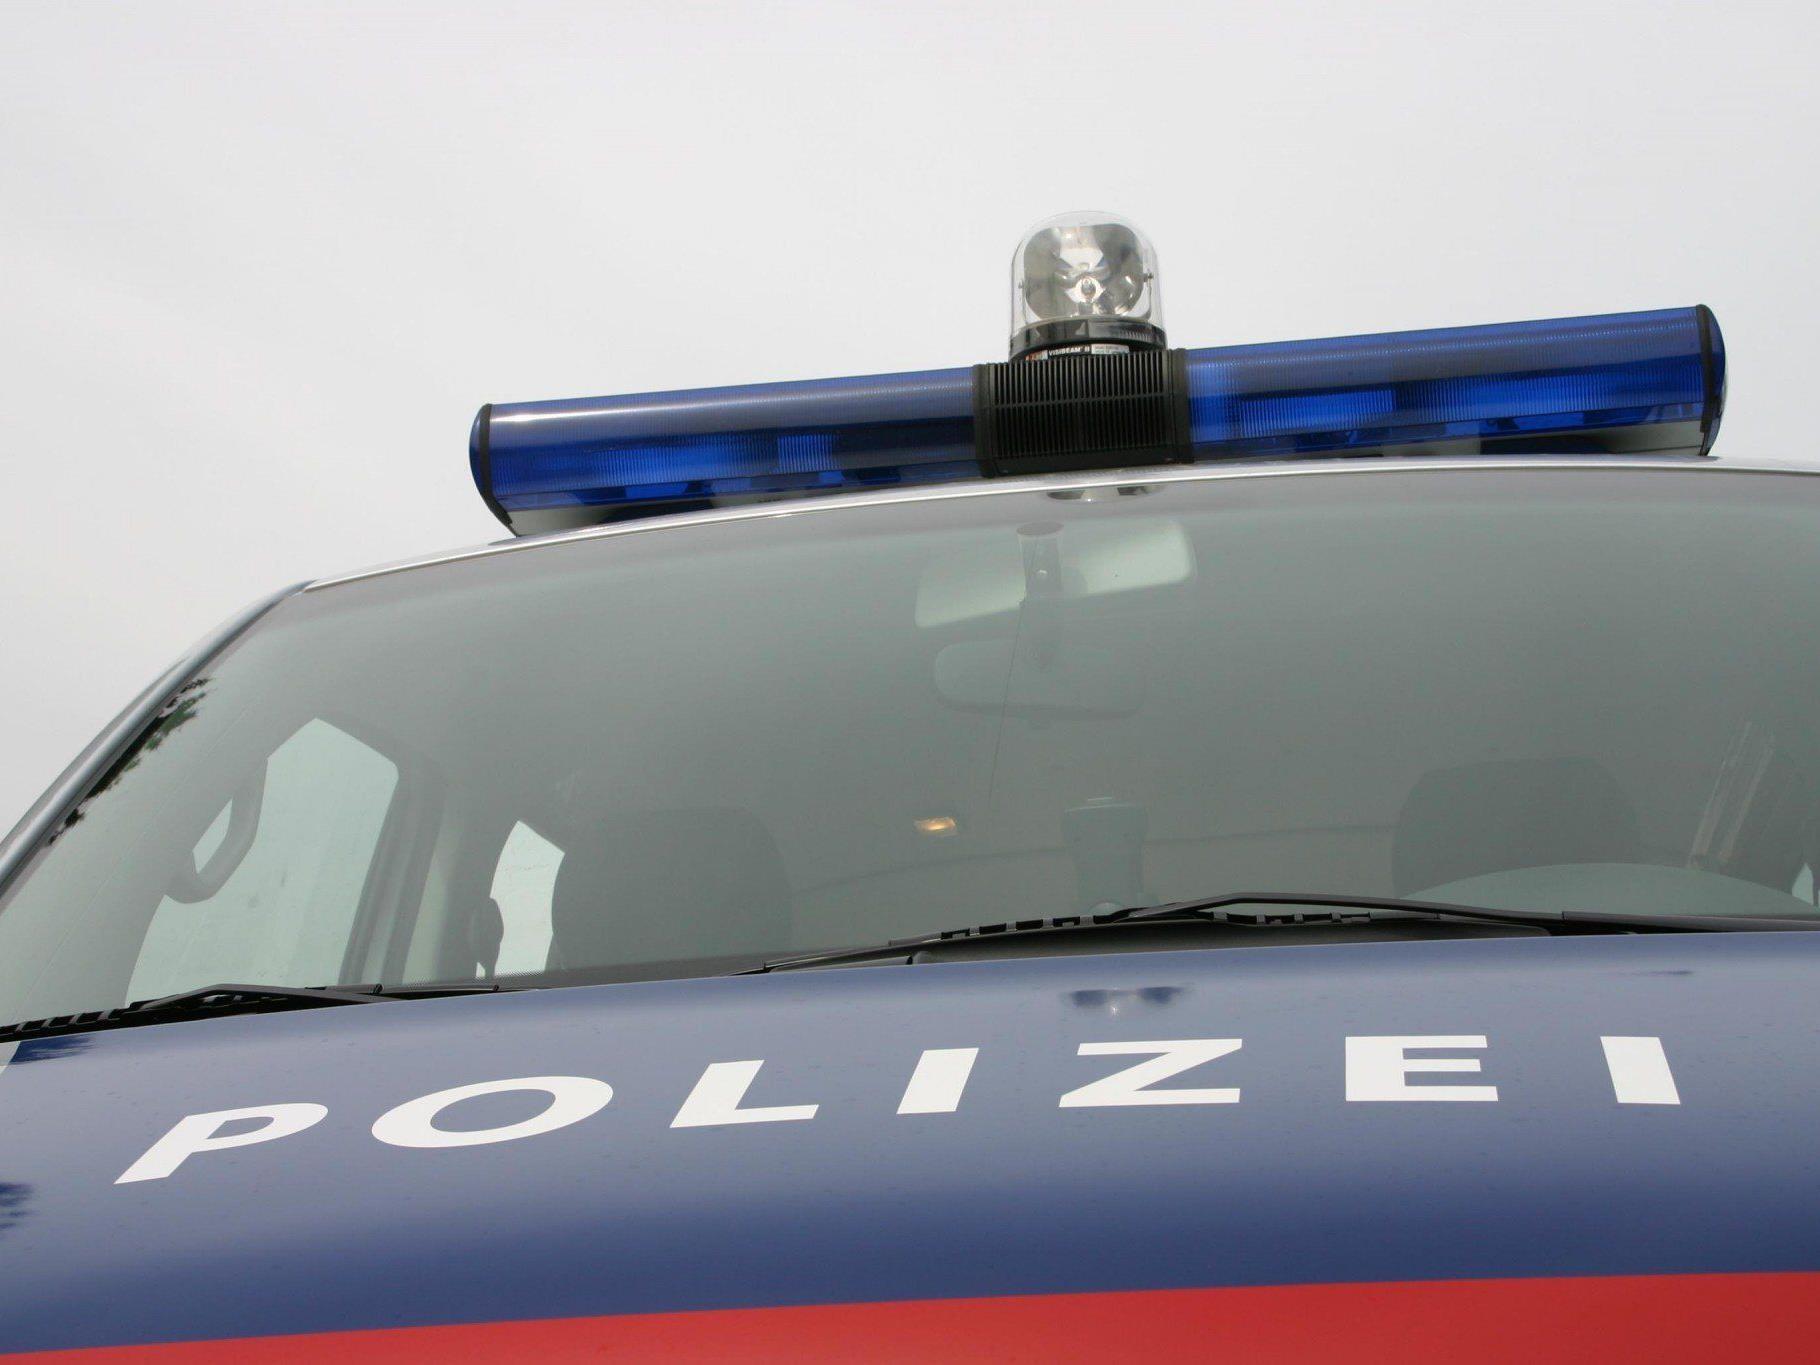 Die Polizei Feldkirch sucht nach einem Unfall mit Fahrerflucht nach Zeugen.